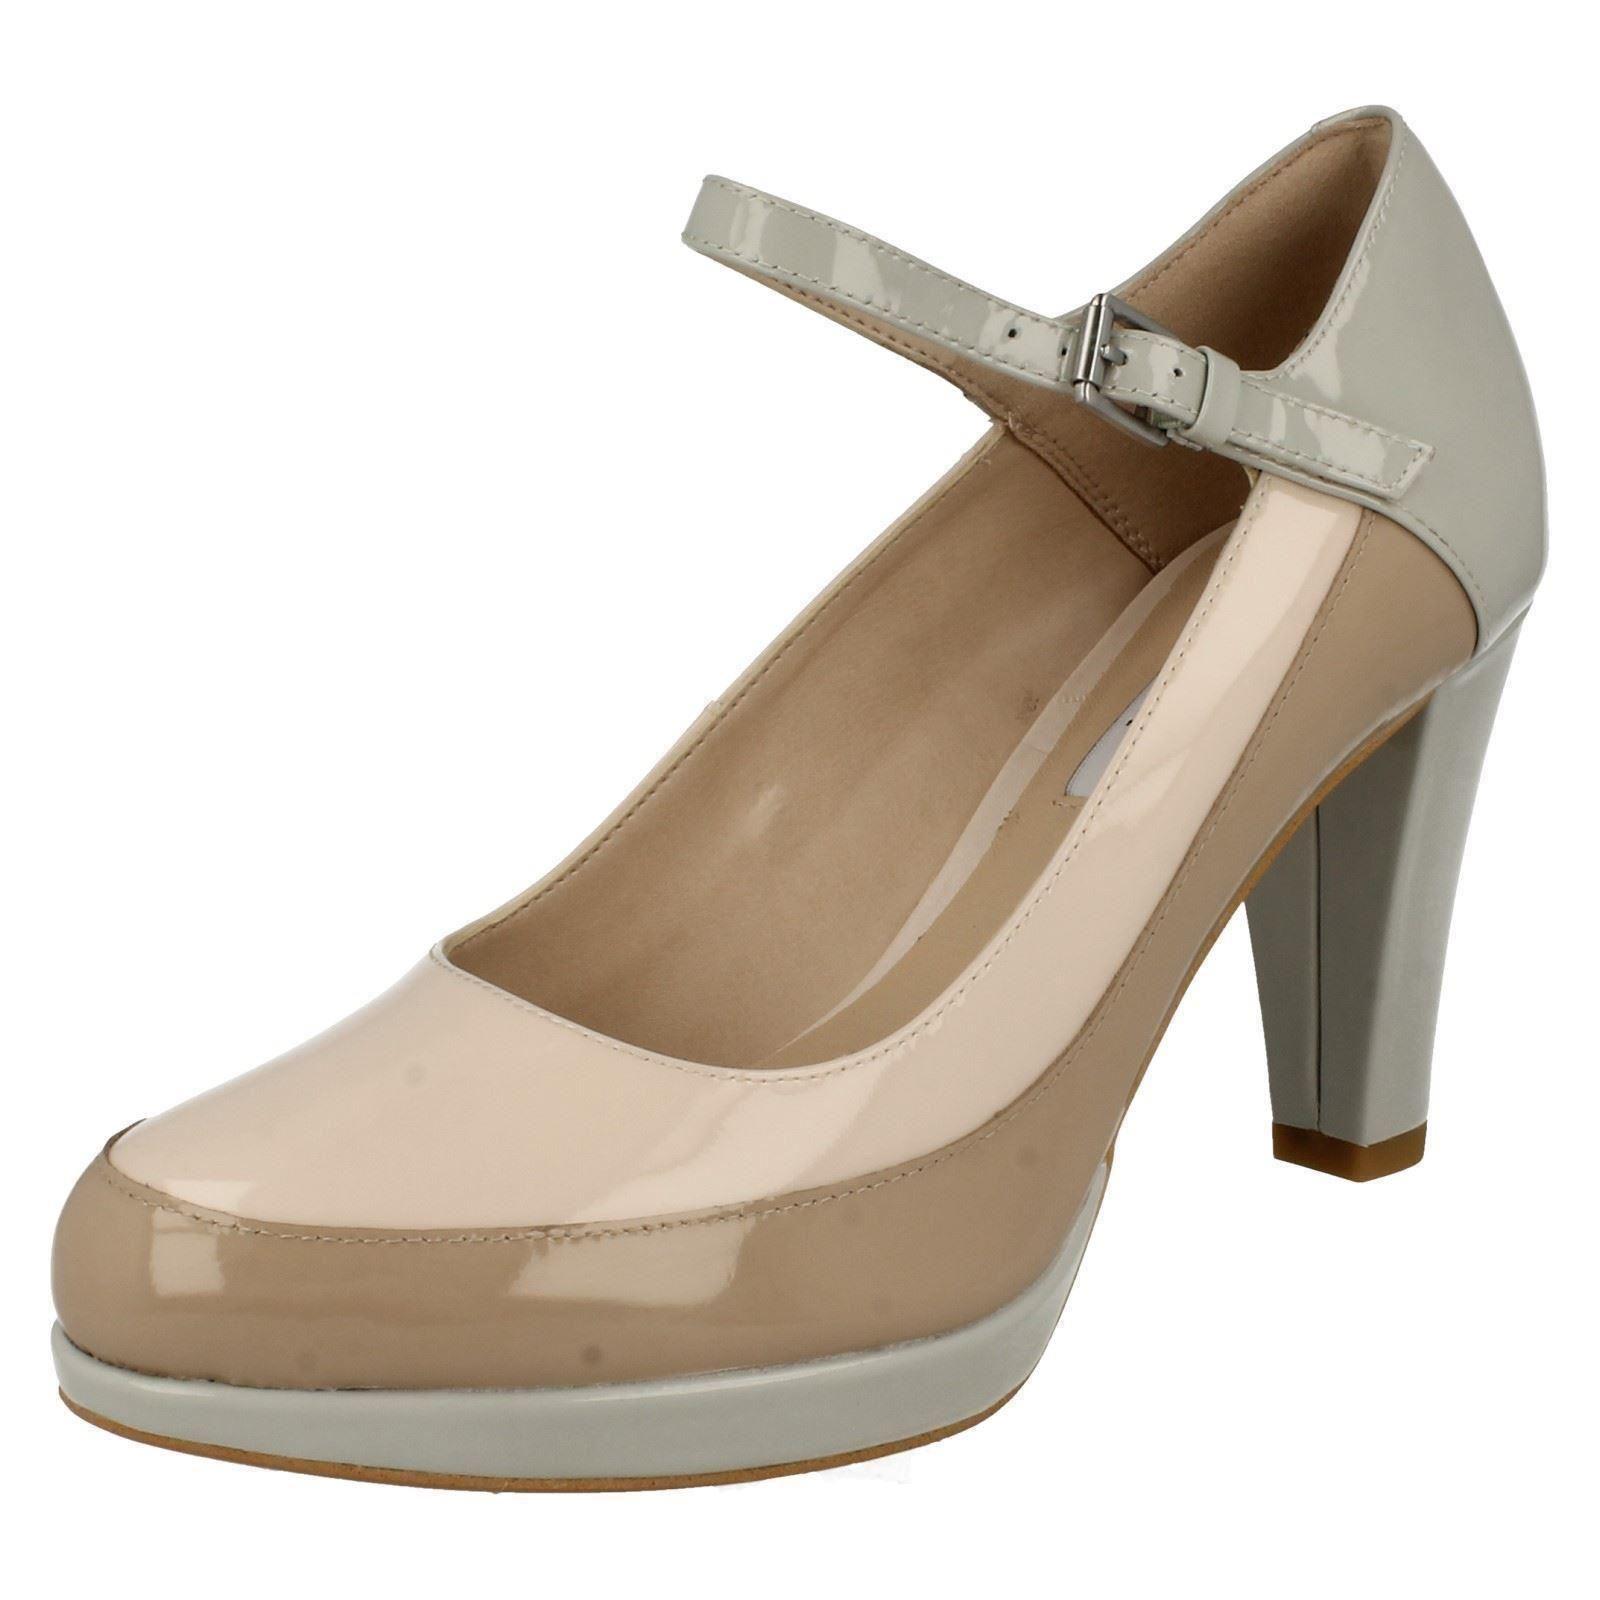 Ladies Clarks Smart Shoes Kendra Dime